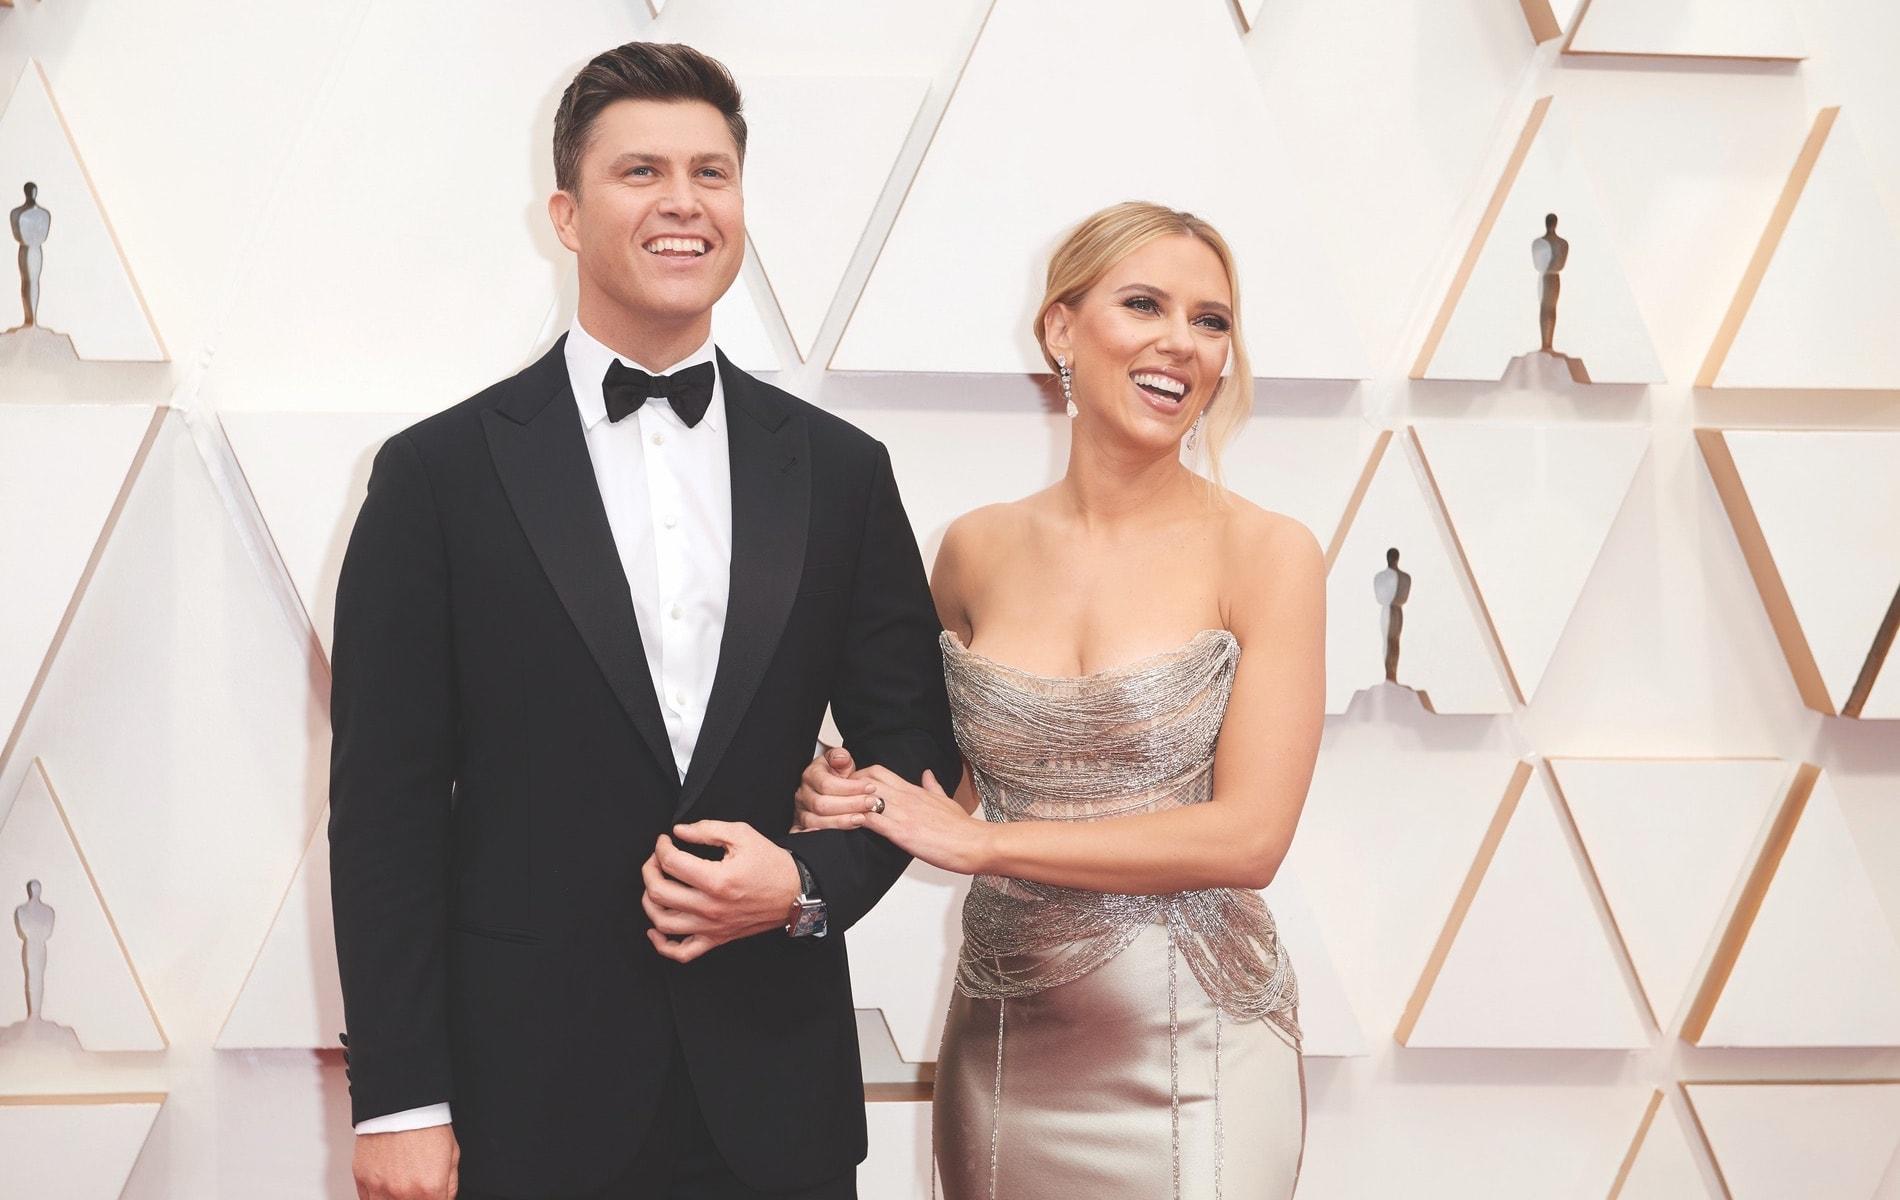 Colin Jost, Scarlett Johansson, La Scene, Academy Awards, 92nd Academy Awards, The Oscars, 92nd Oscars, Dolby Theatre, red carpet